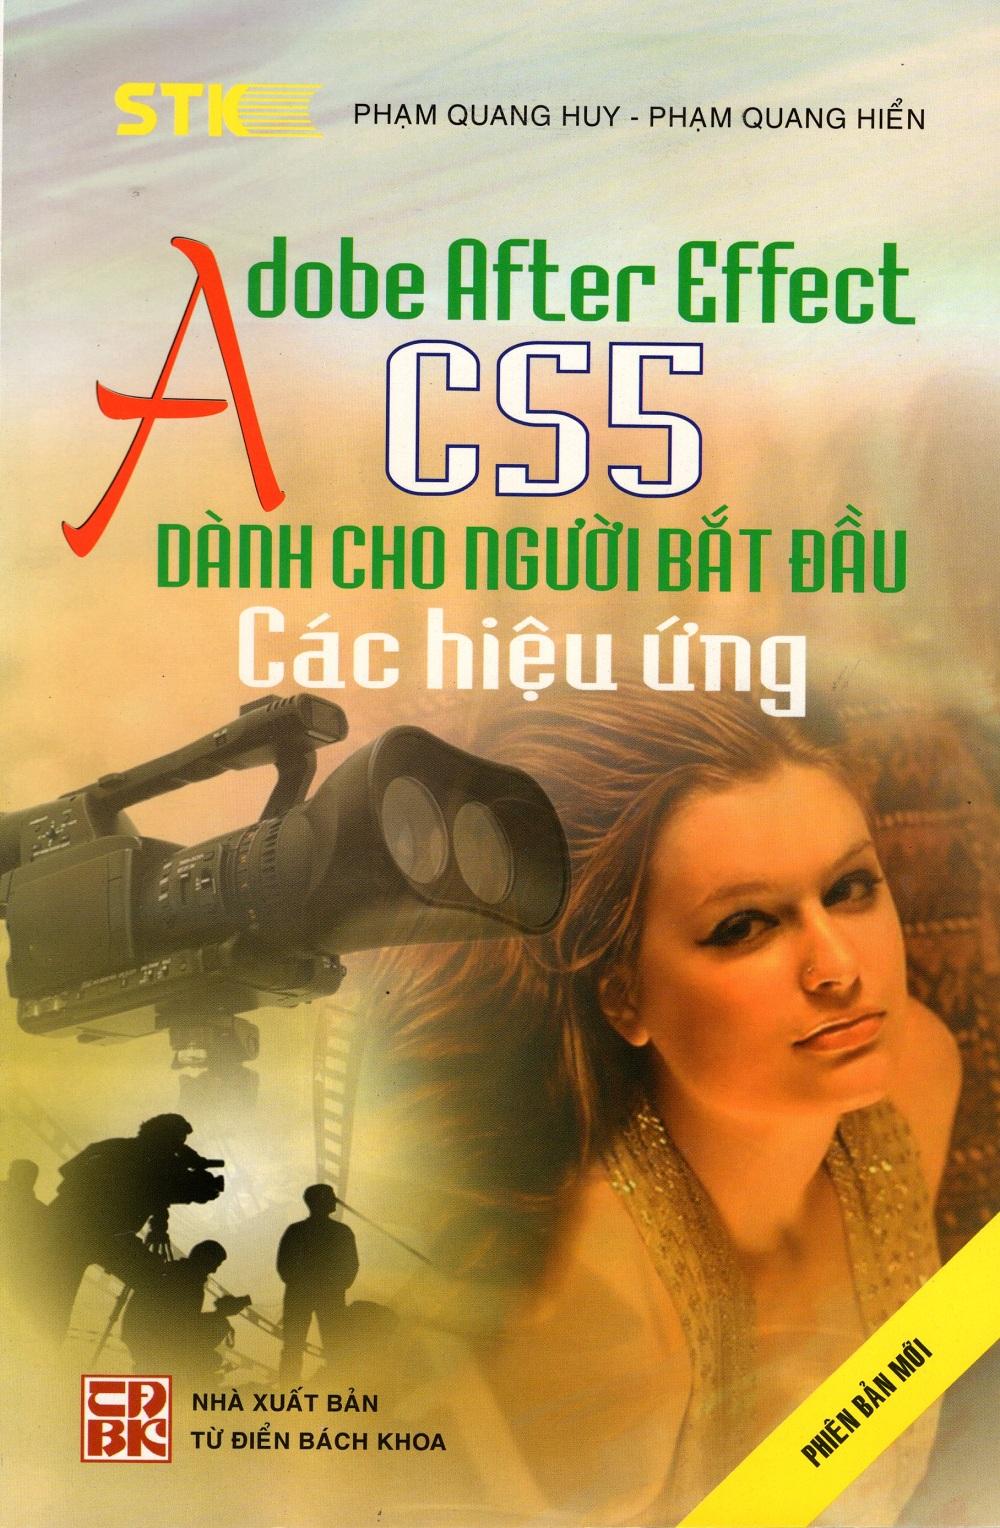 Adobe After Effect CS5 Dành Cho Người Bắt Đầu Các Hiệu Ứng